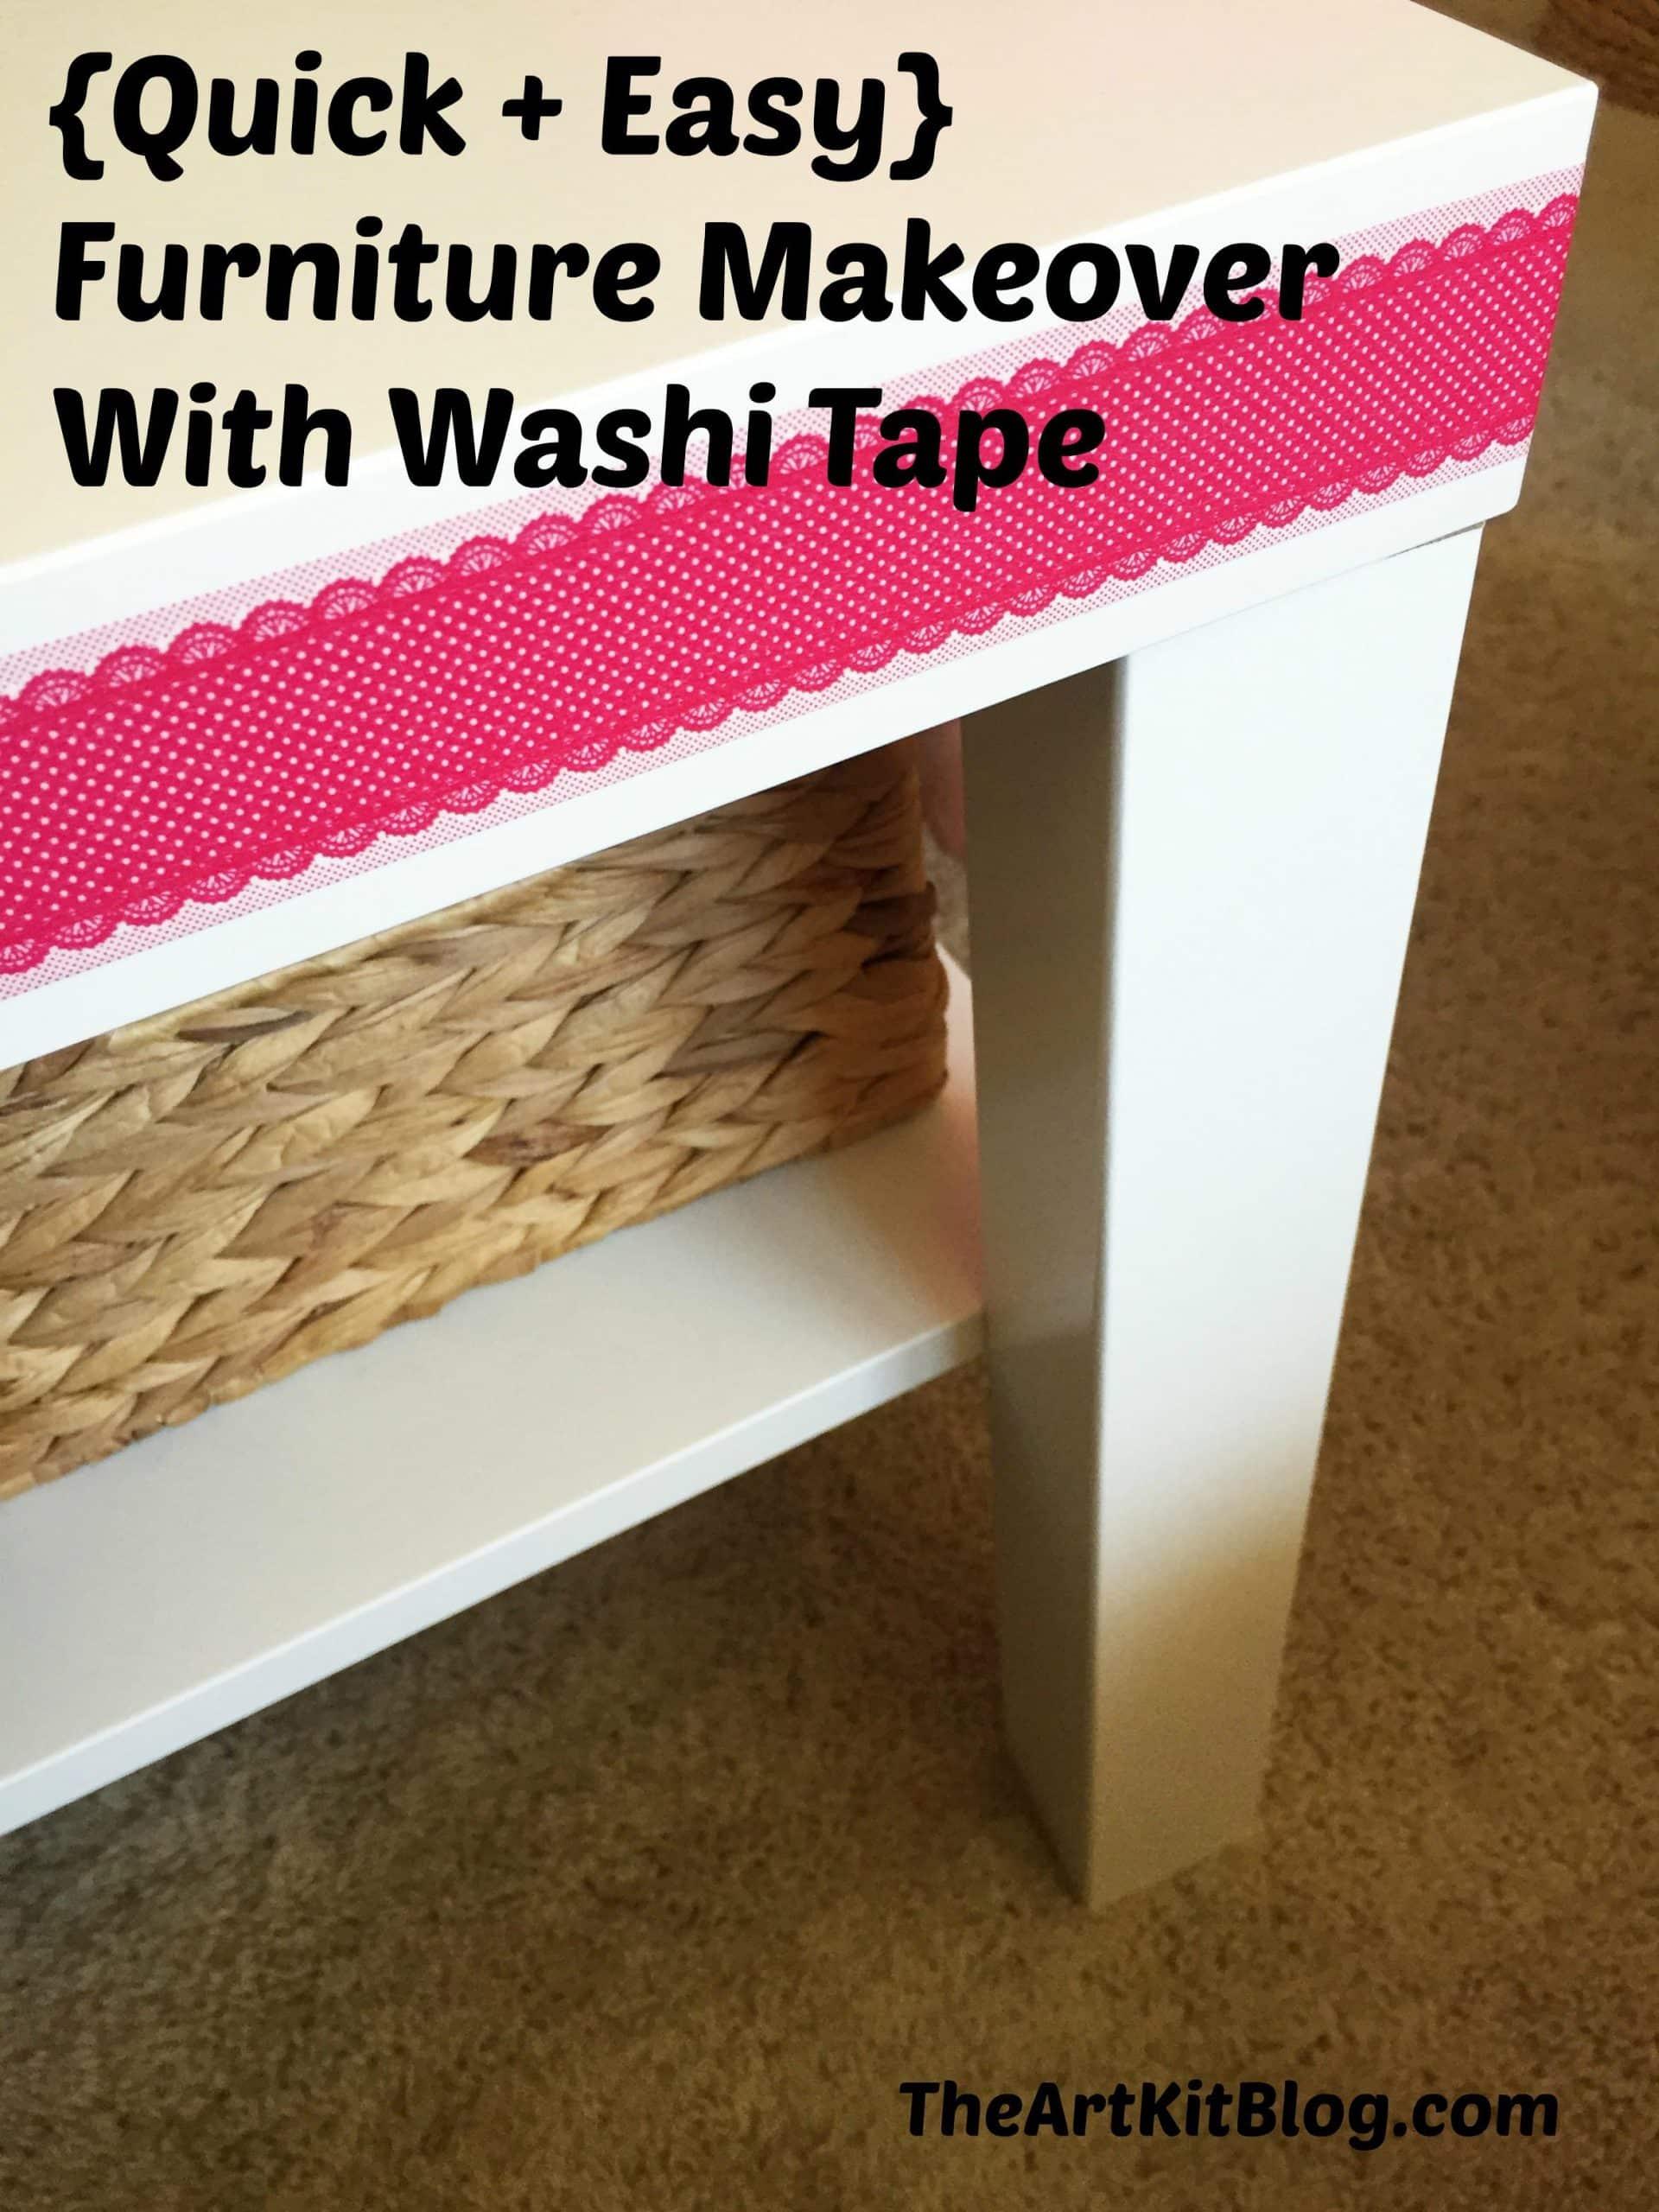 Washi Table Furniture Redecorating